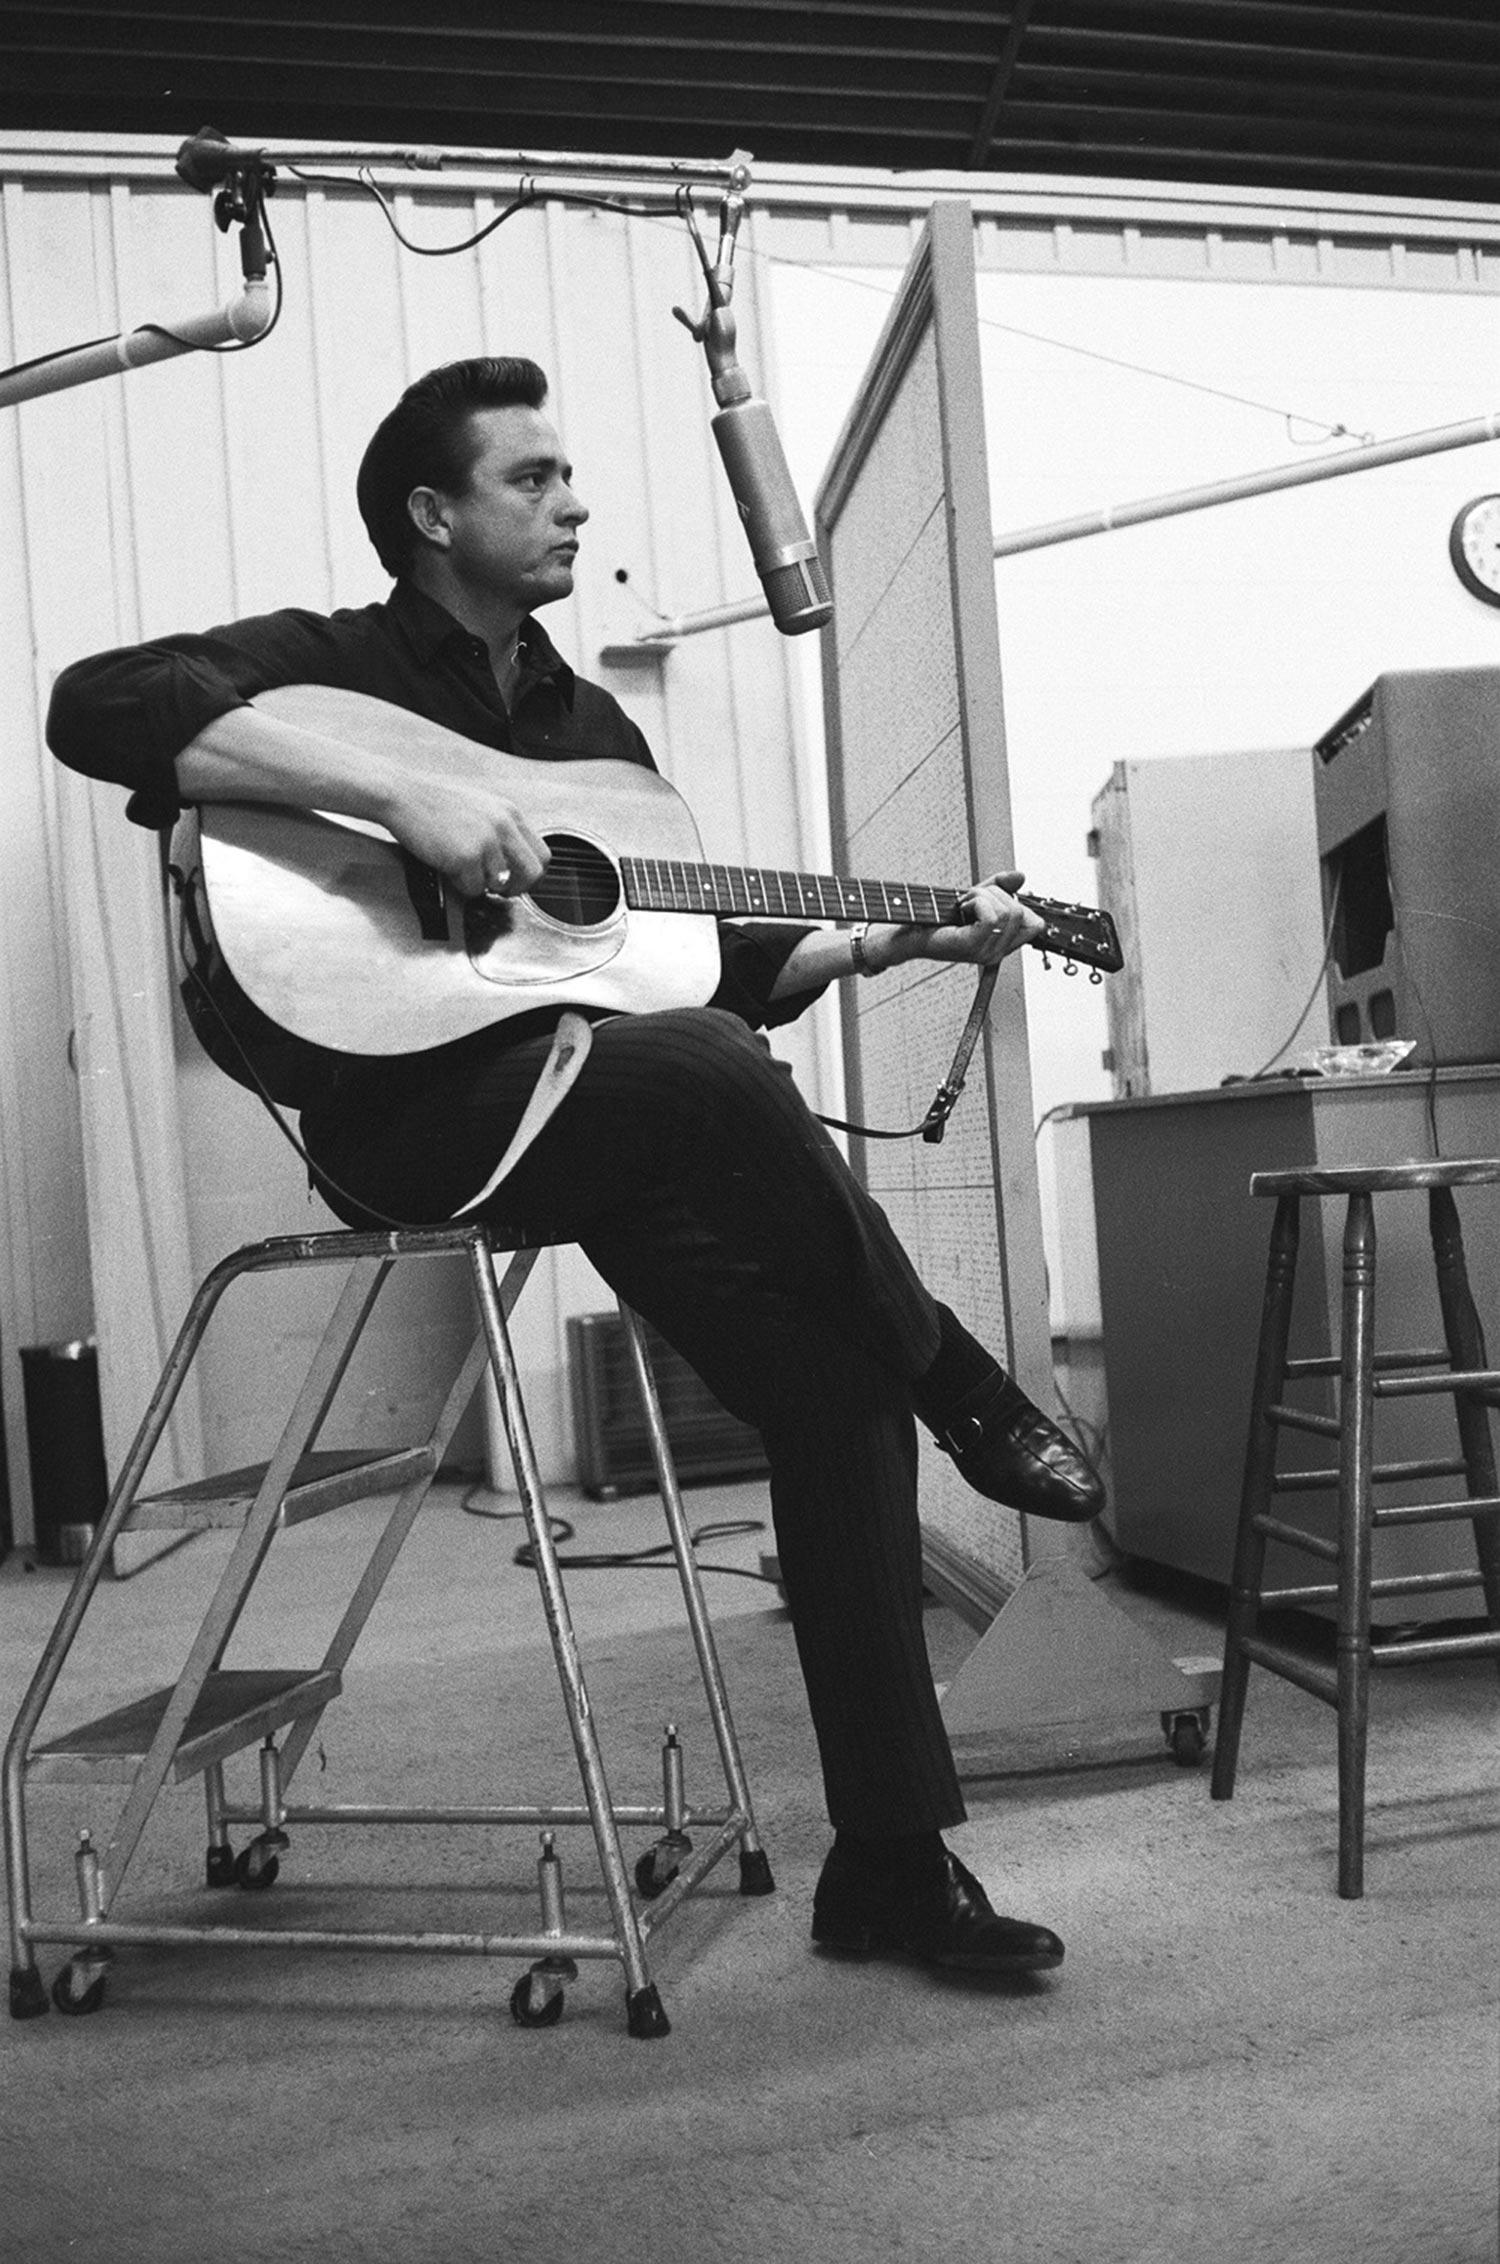 Imagen de Johnny Cash músico del género Country activo en Los 60s